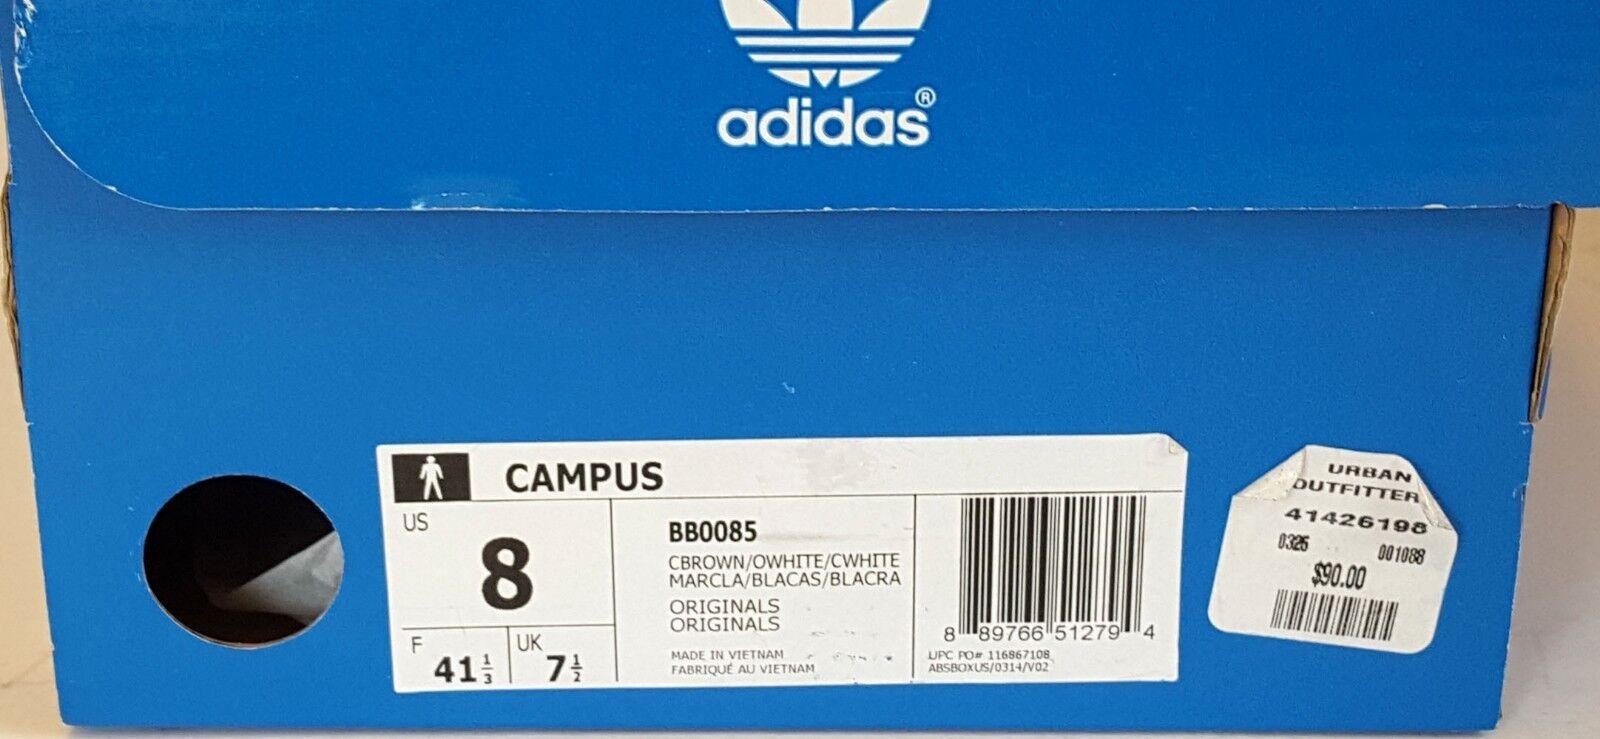 Adidas Uomo chiaro marrone / bb0085 bianco originale campus bb0085 / moda scarpe taglia 8 e328e8